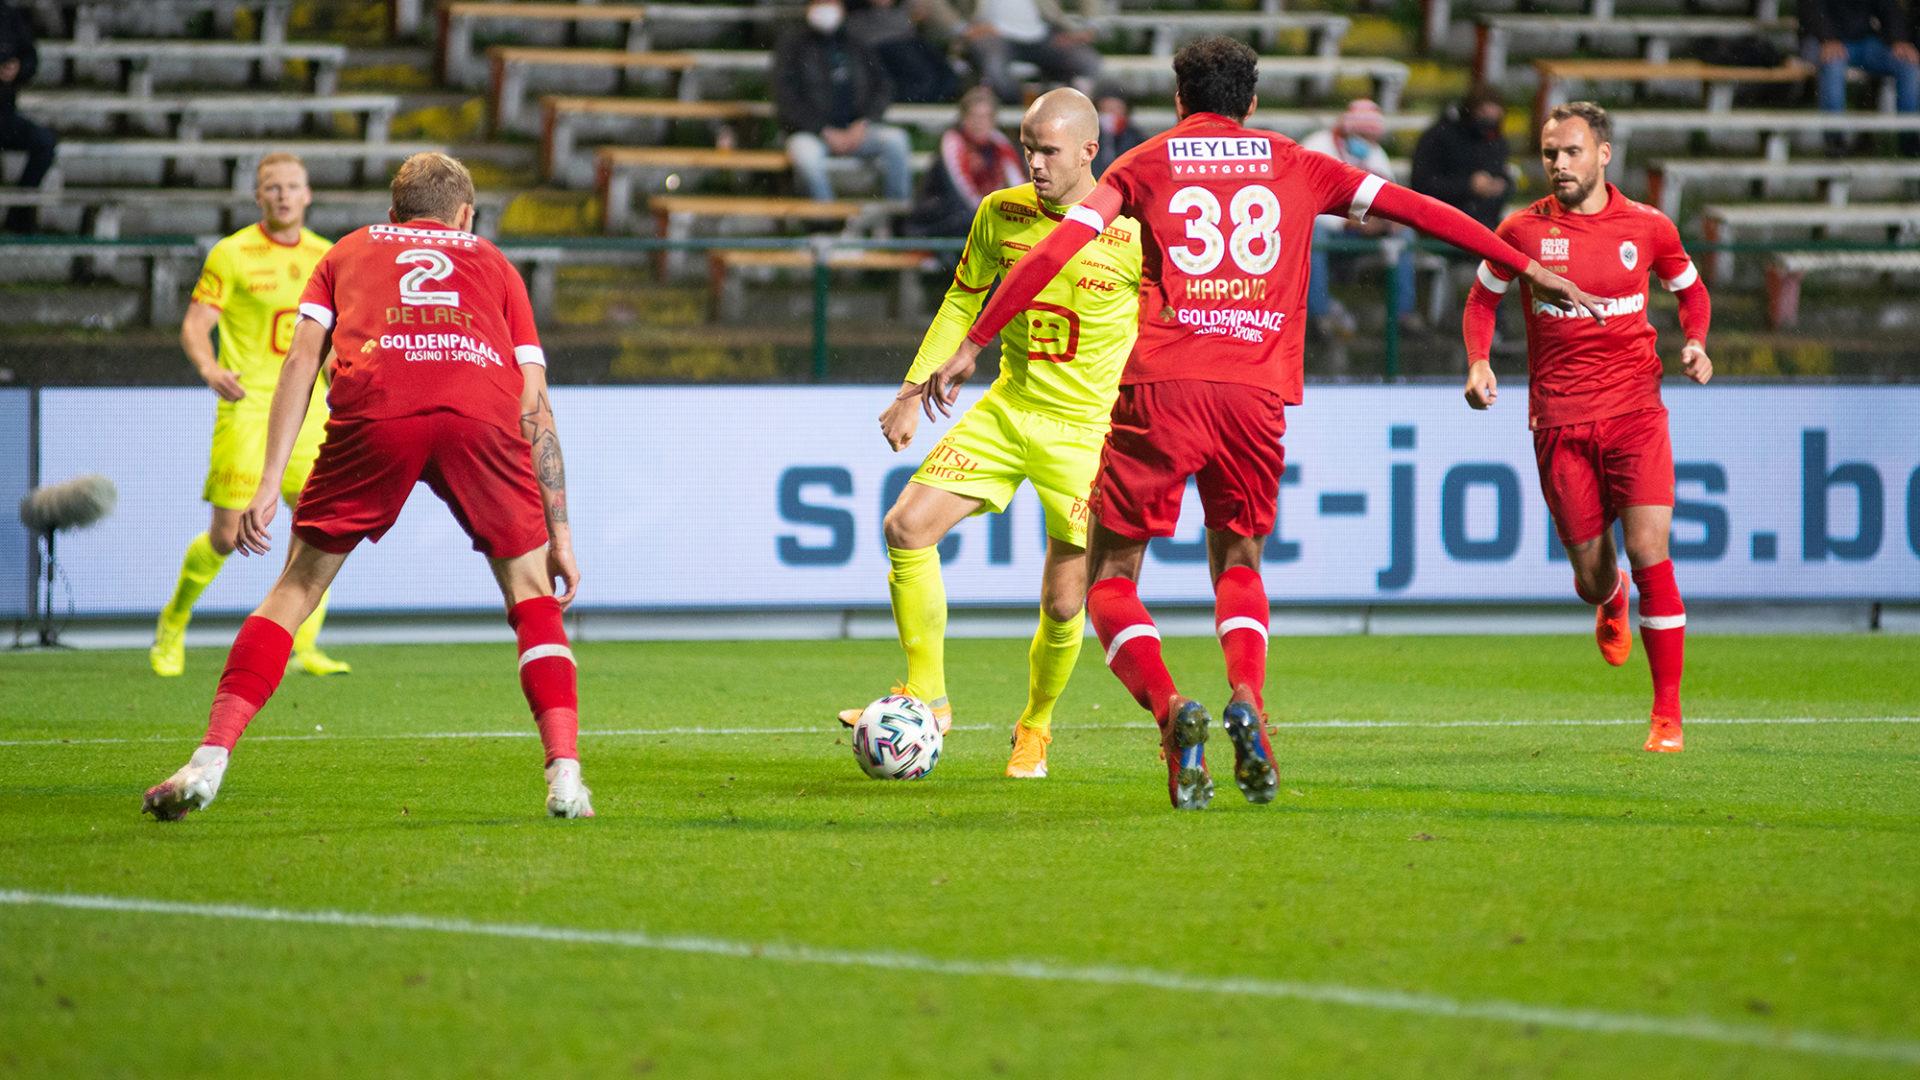 20201002 - R Antwerp FC - KV Mechelen